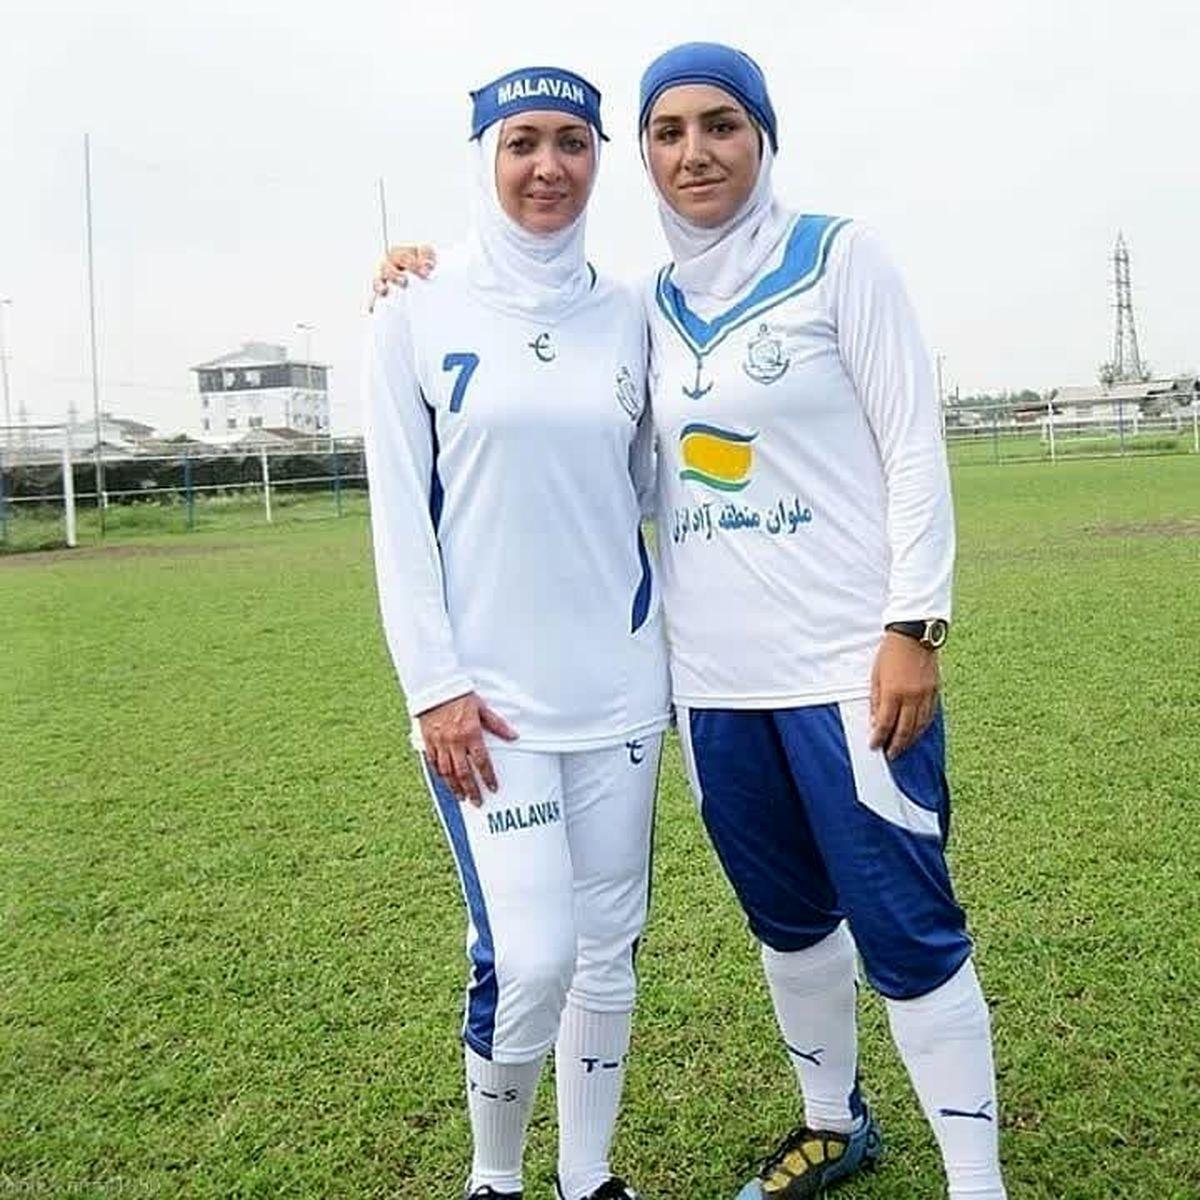 نیکی کریمی با بولیز و شلوارک وسط زمین فوتبال + عکس